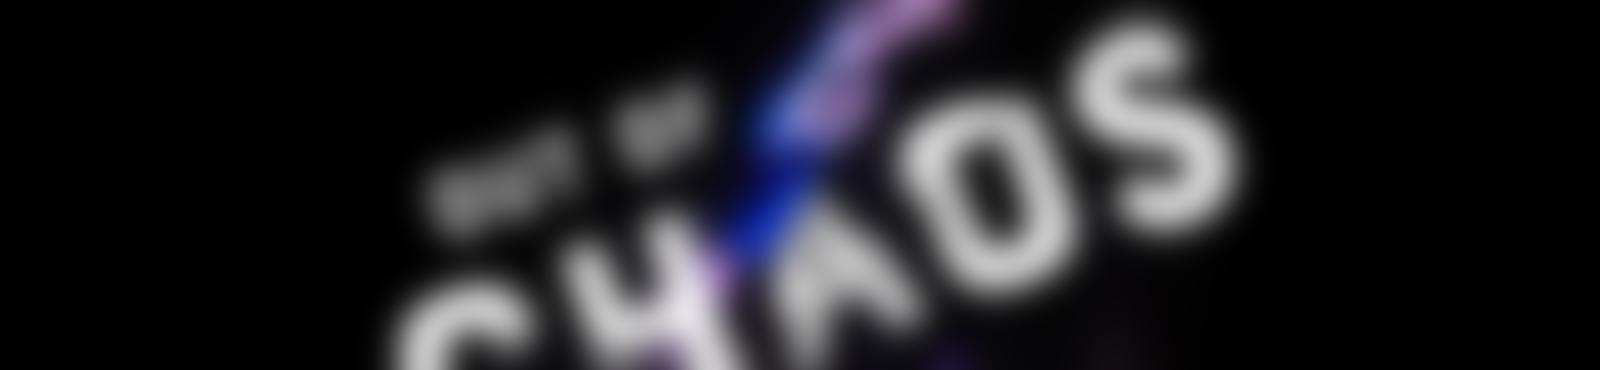 Blurred c3d042e4 64c5 4427 8c70 764664198de8